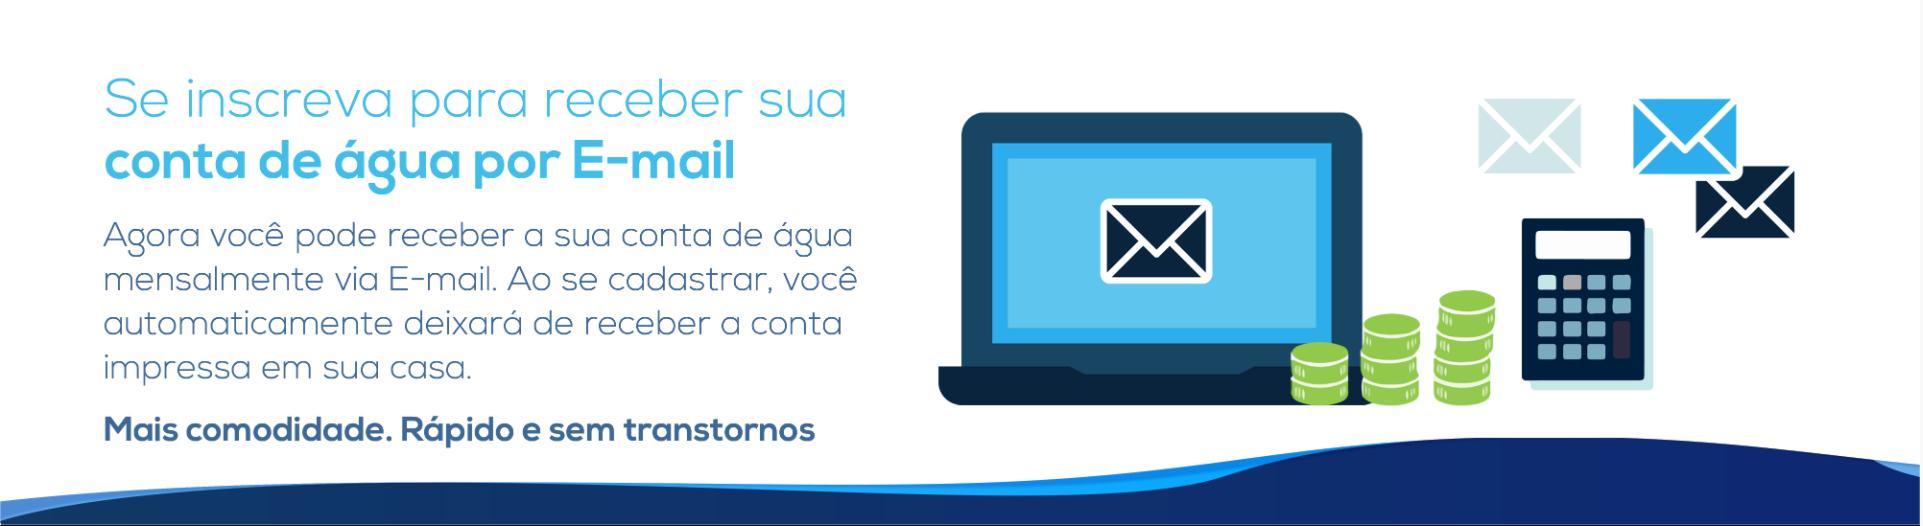 Receber conta por email